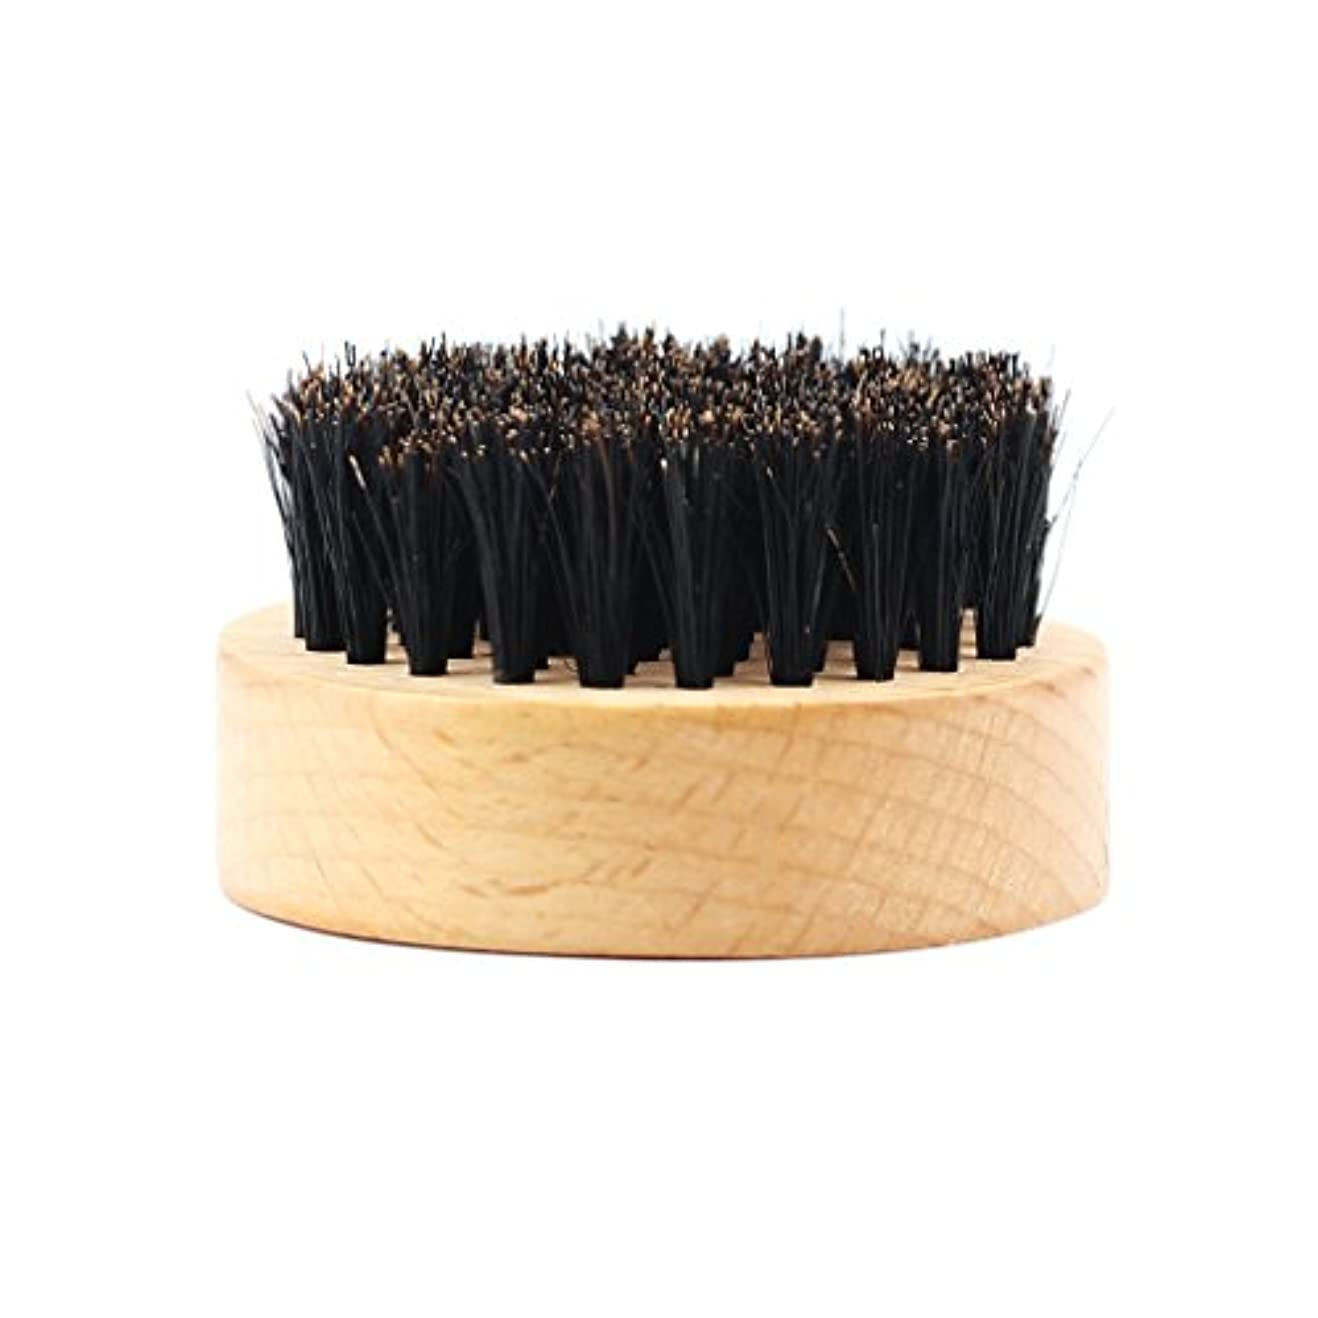 優雅な冷蔵庫プロフィールHomyl 髭ブラシ 男性 ひげ剃り 天然木ハンドル ひげそり グルーミング 2タイプ選べる - #2